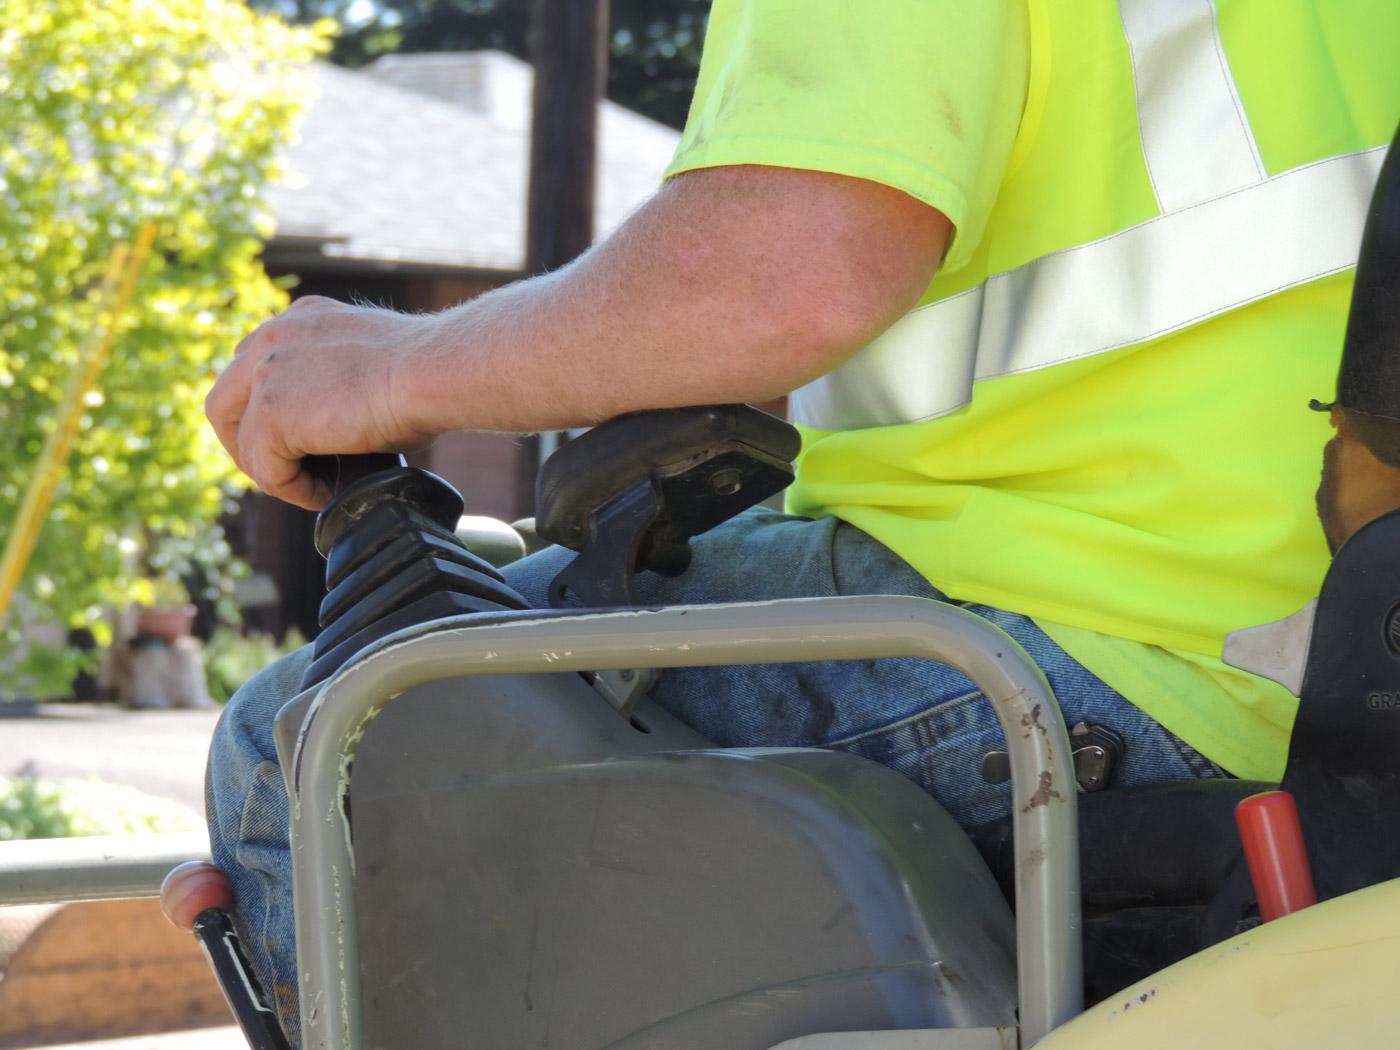 Excavation Services - Lovett Inc. dba Lovett Services